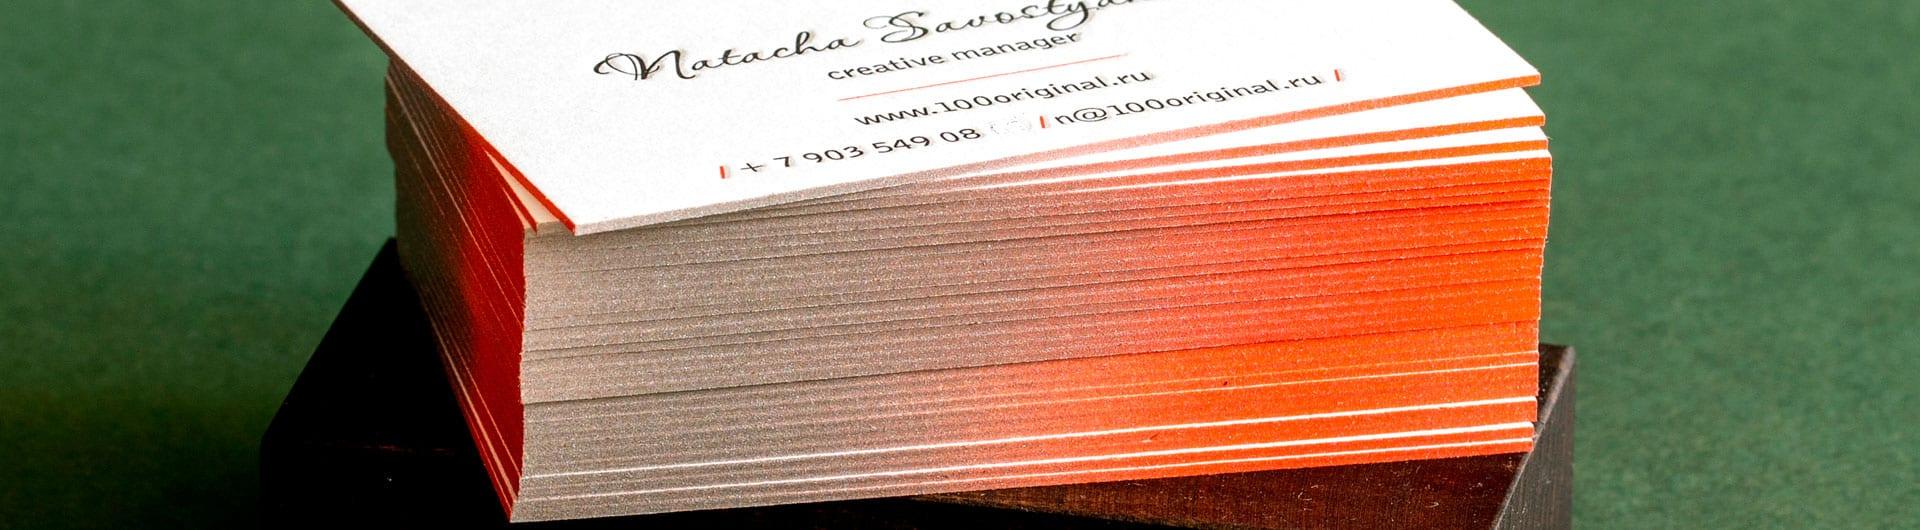 Покраска торцов визиток. Цветные торцы визиток.